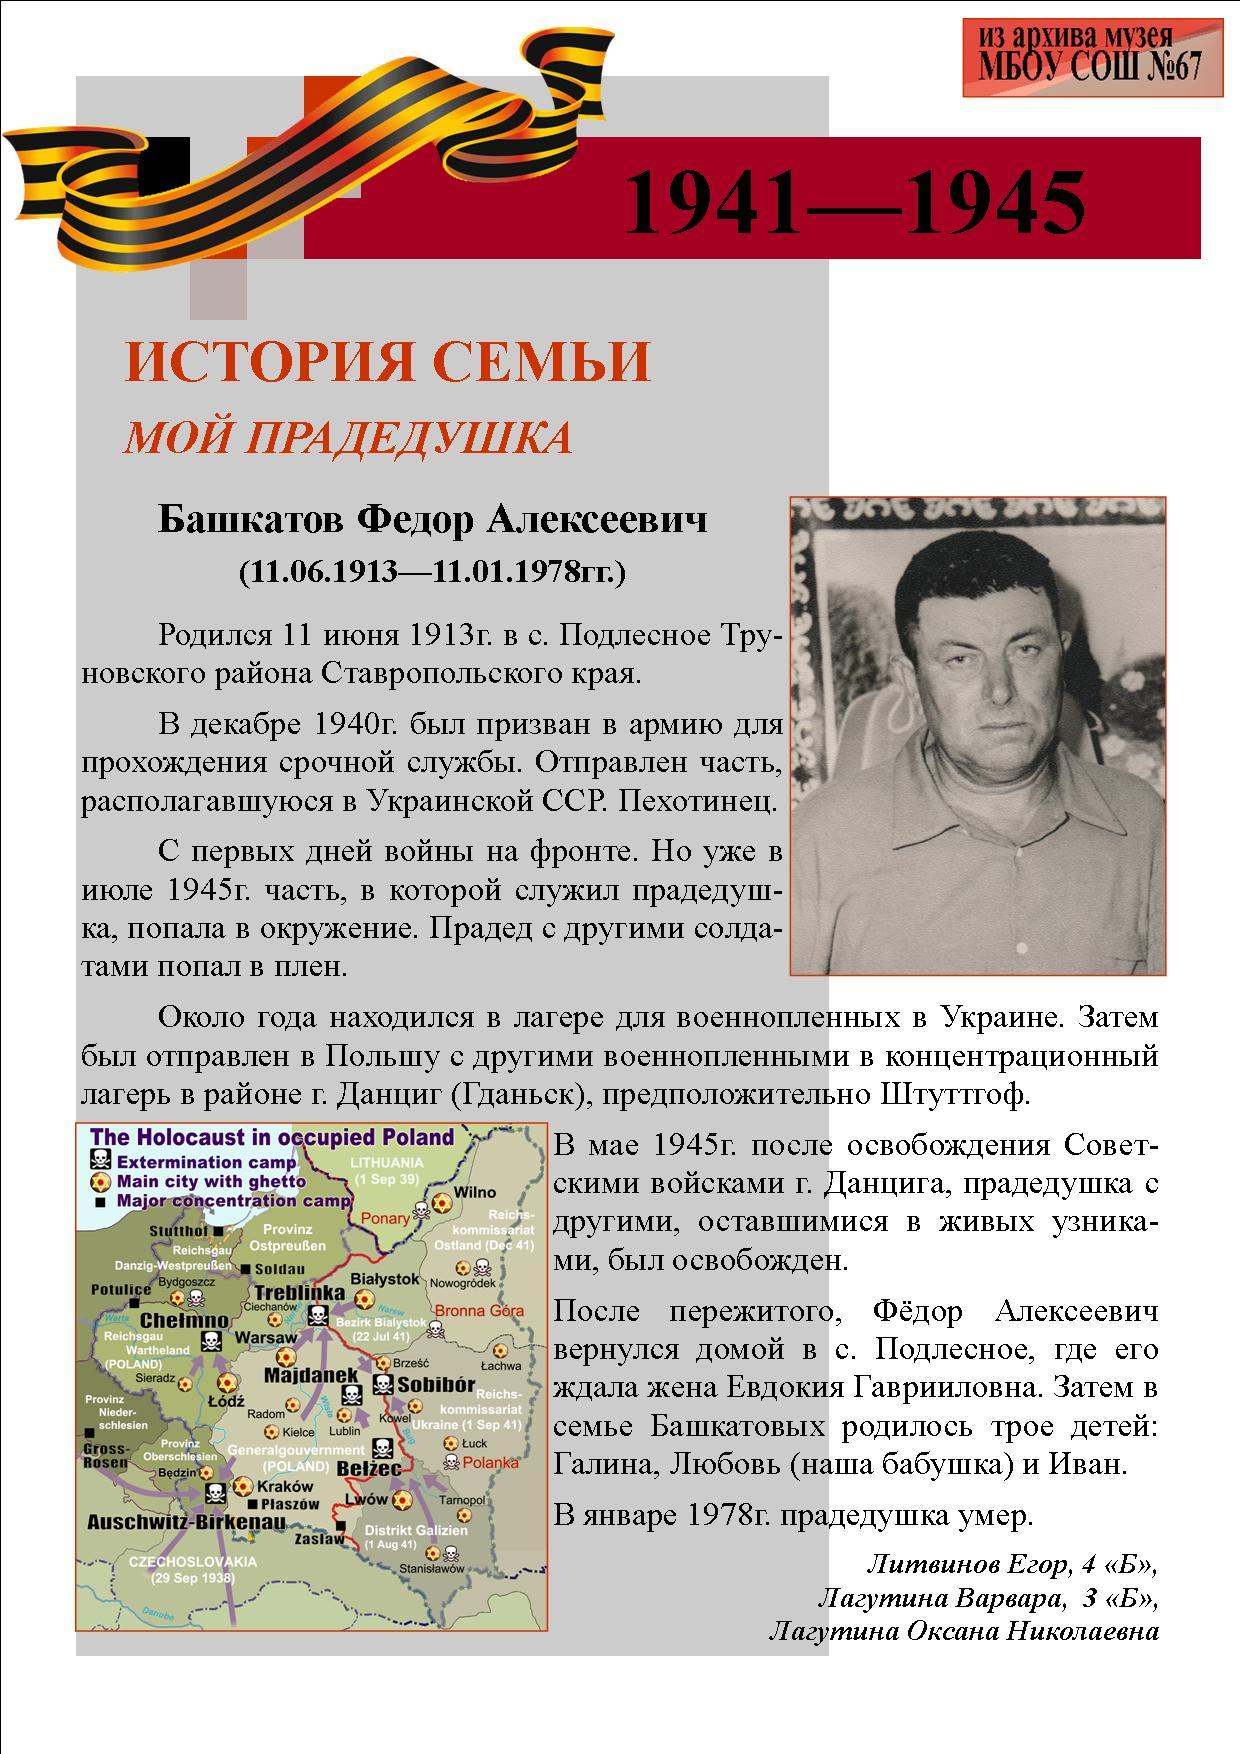 Башкатов Ф.А. _ Литвинов Е.